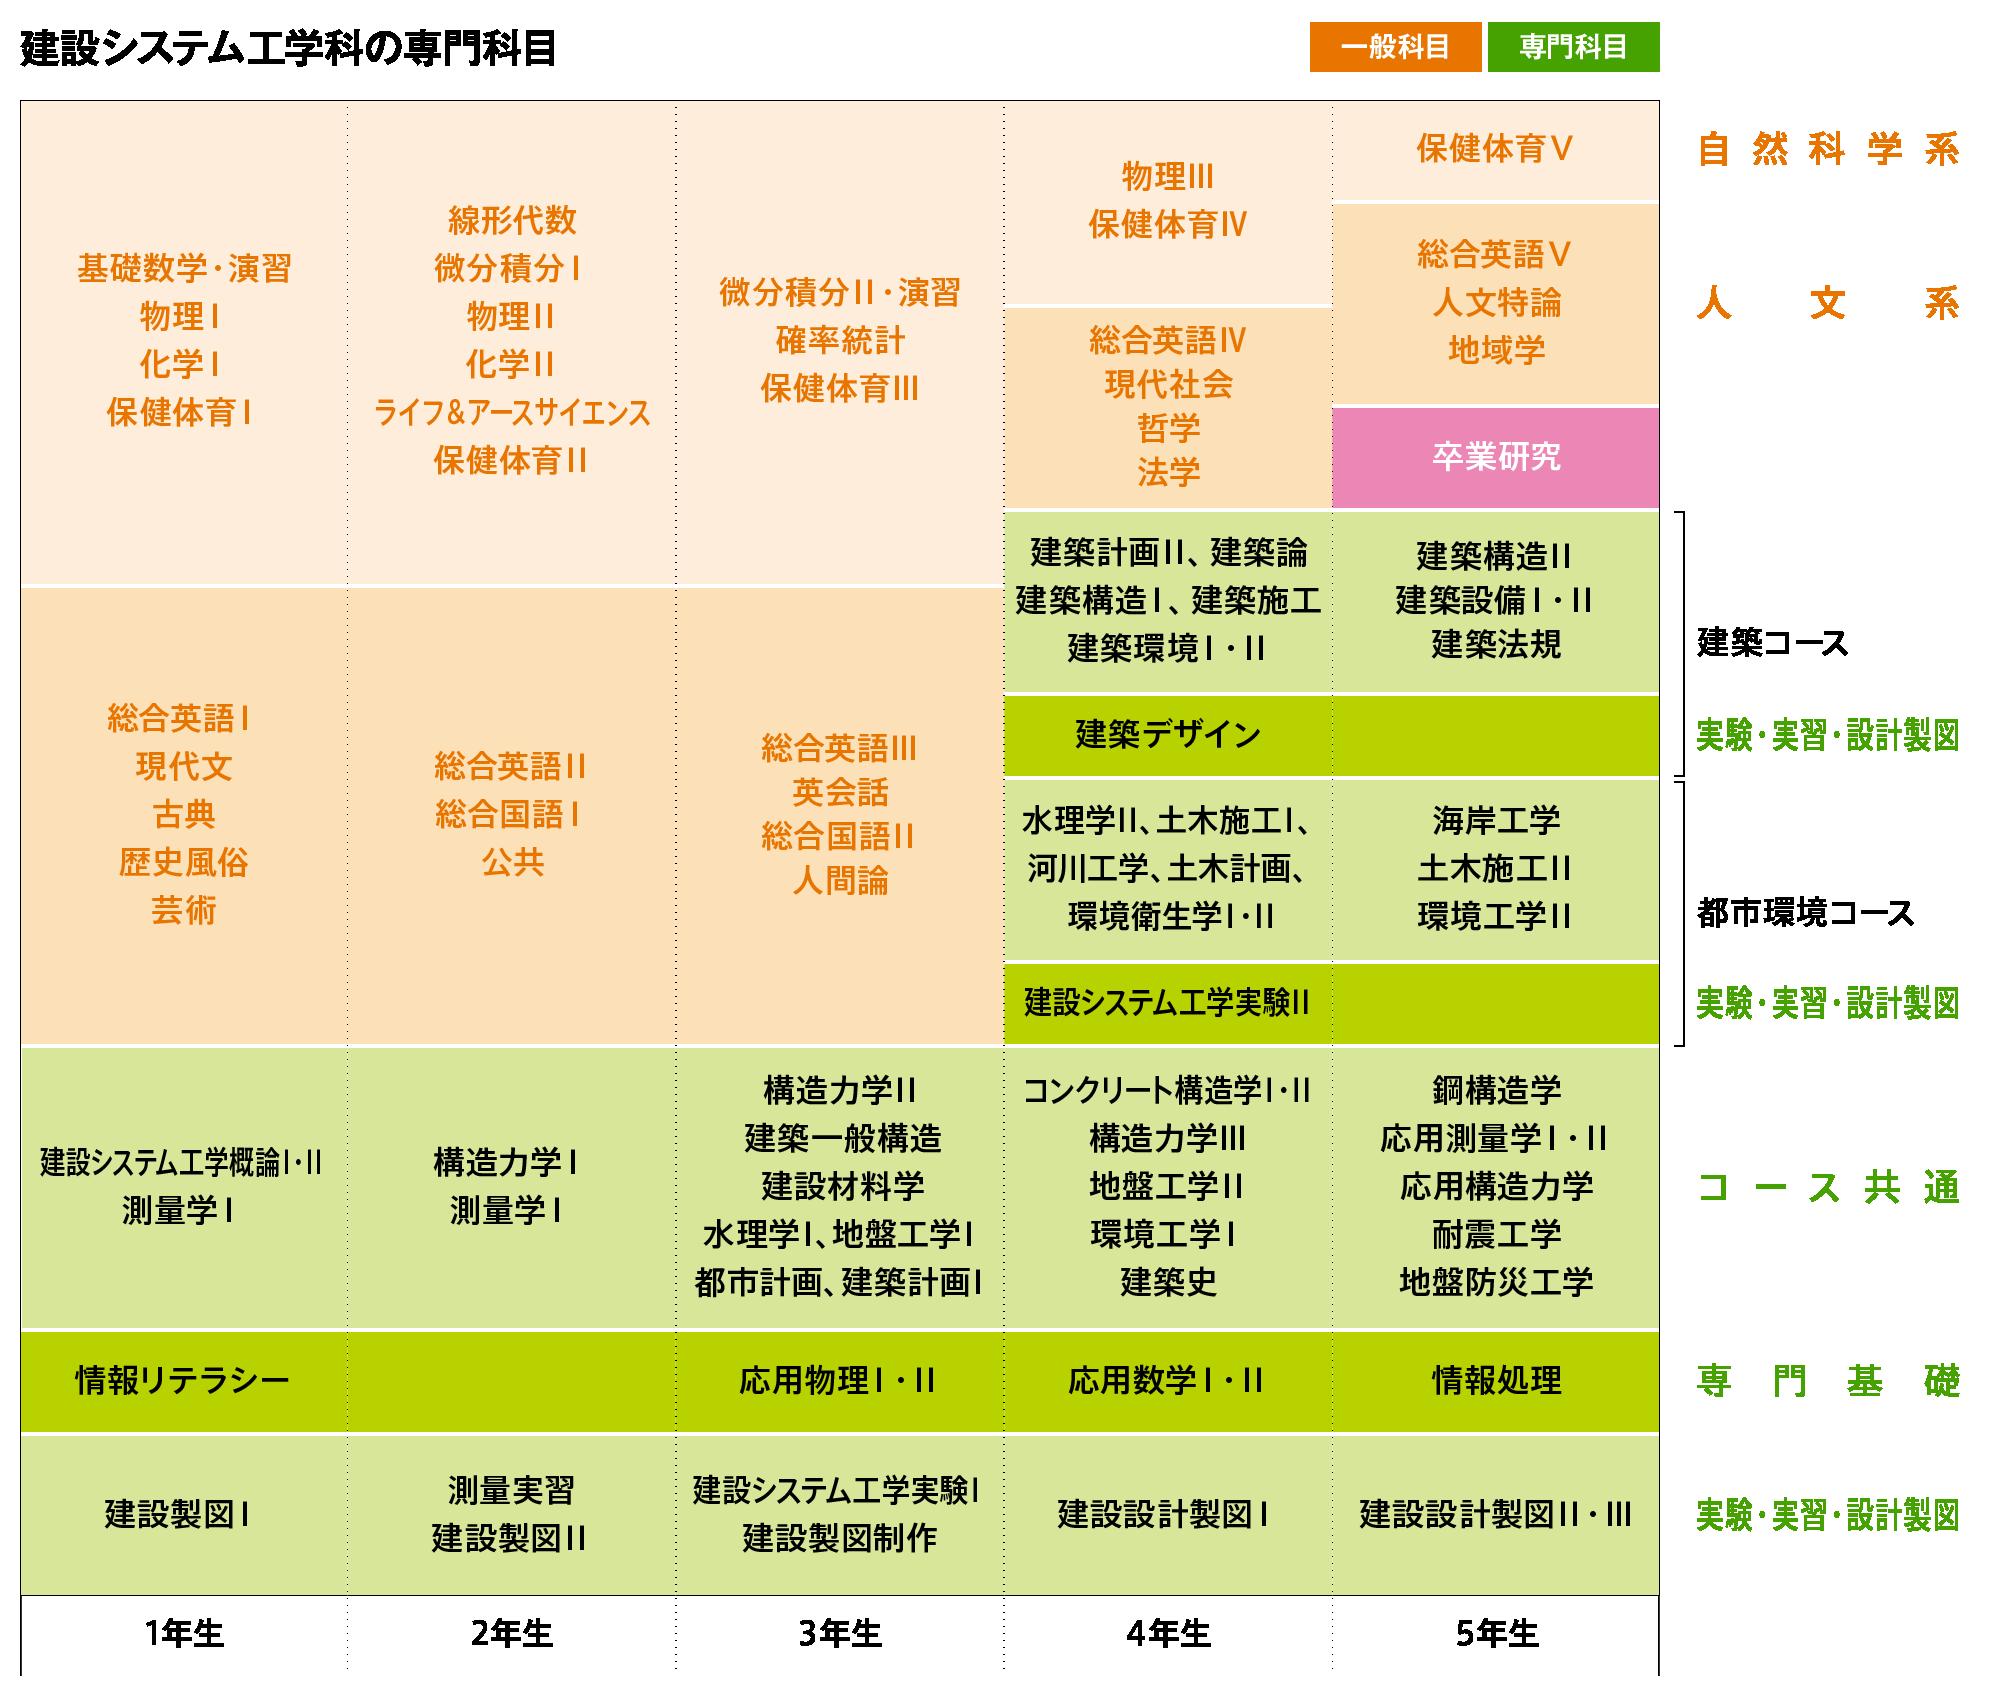 建設システム工学科カリキュラム